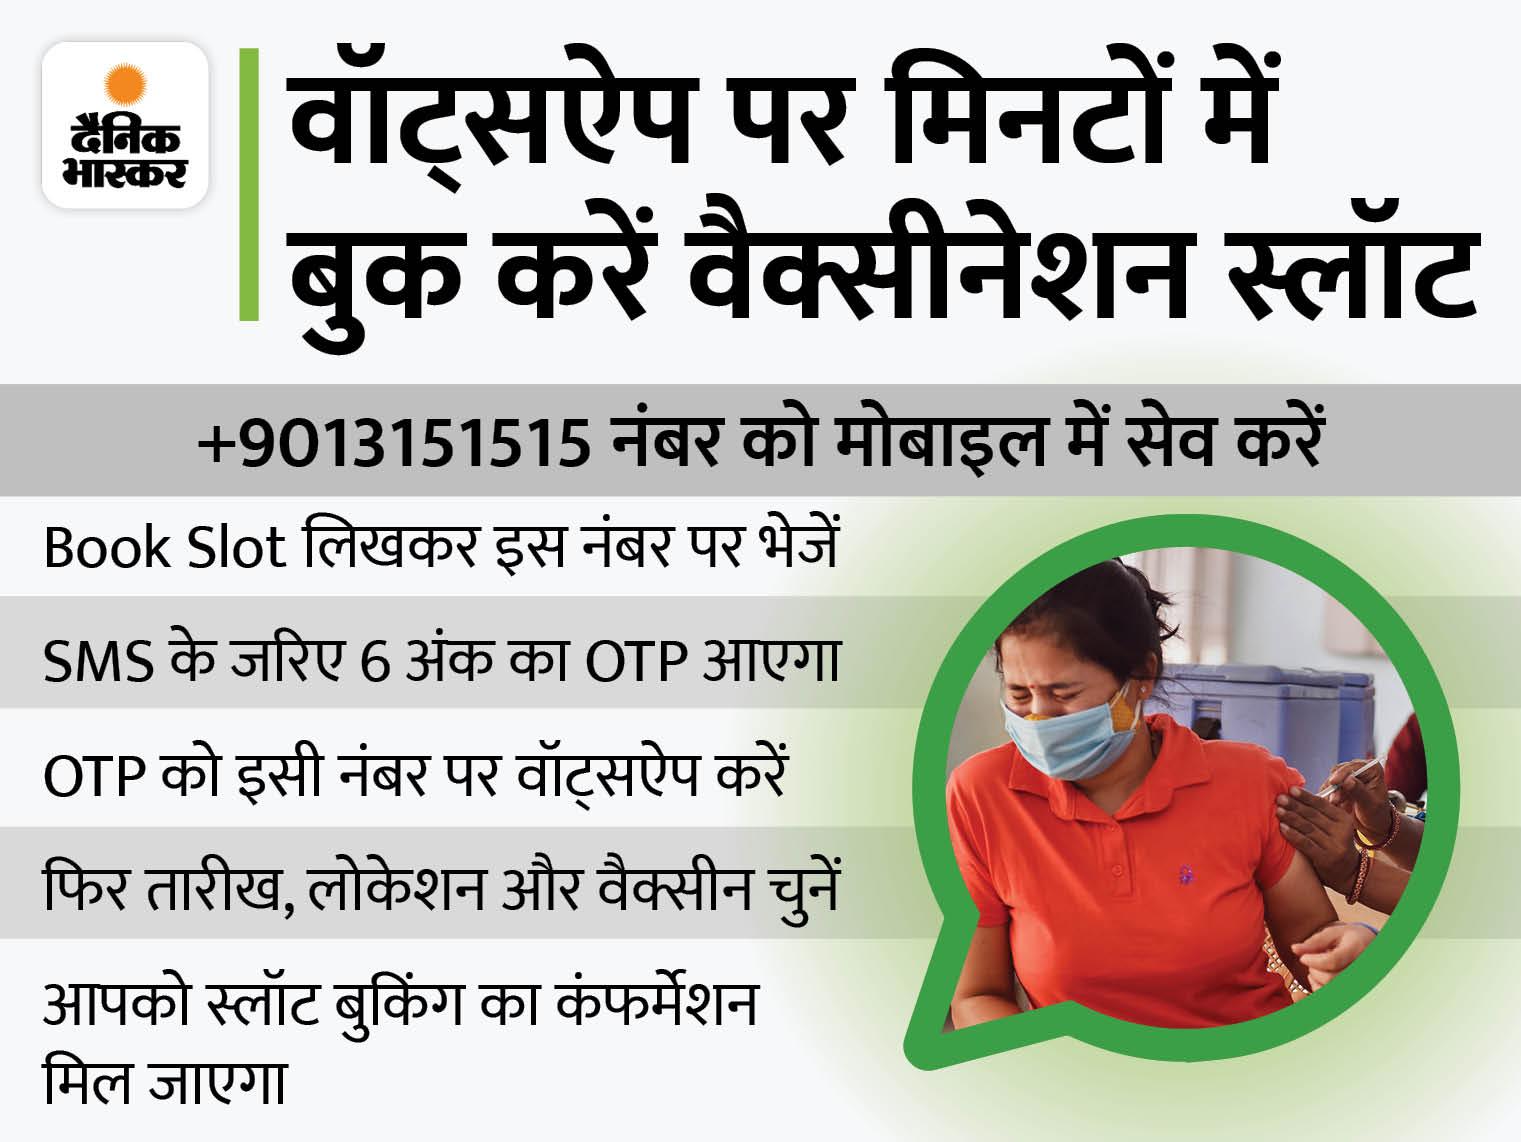 वॉट्सऐप पर एक मैसेज भेजकर ही बुक कर सकेंगे टीका लगवाने की तारीख और जगह, जानिए पूरी प्रोसेस|कोरोना - वैक्सीनेशन,Coronavirus - Dainik Bhaskar